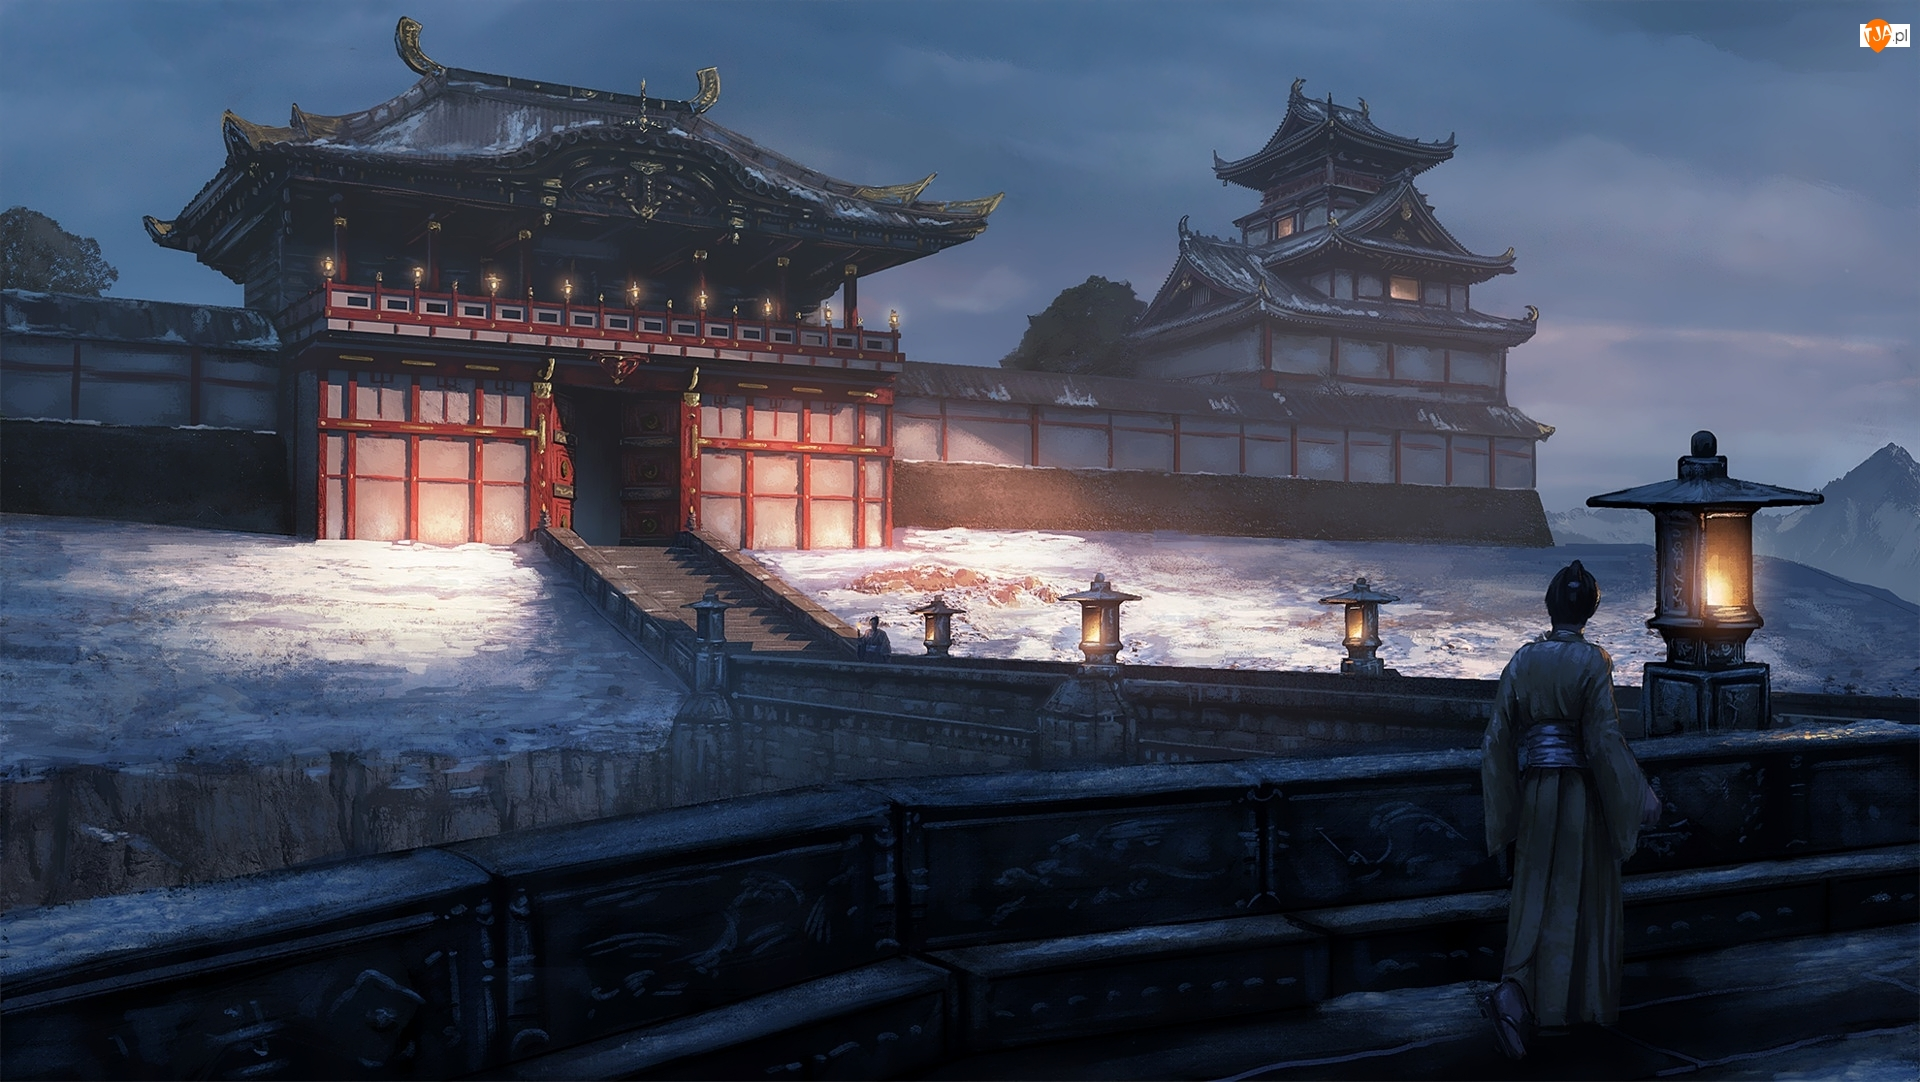 Lampy, Digital Art, Japońska, Świątynia